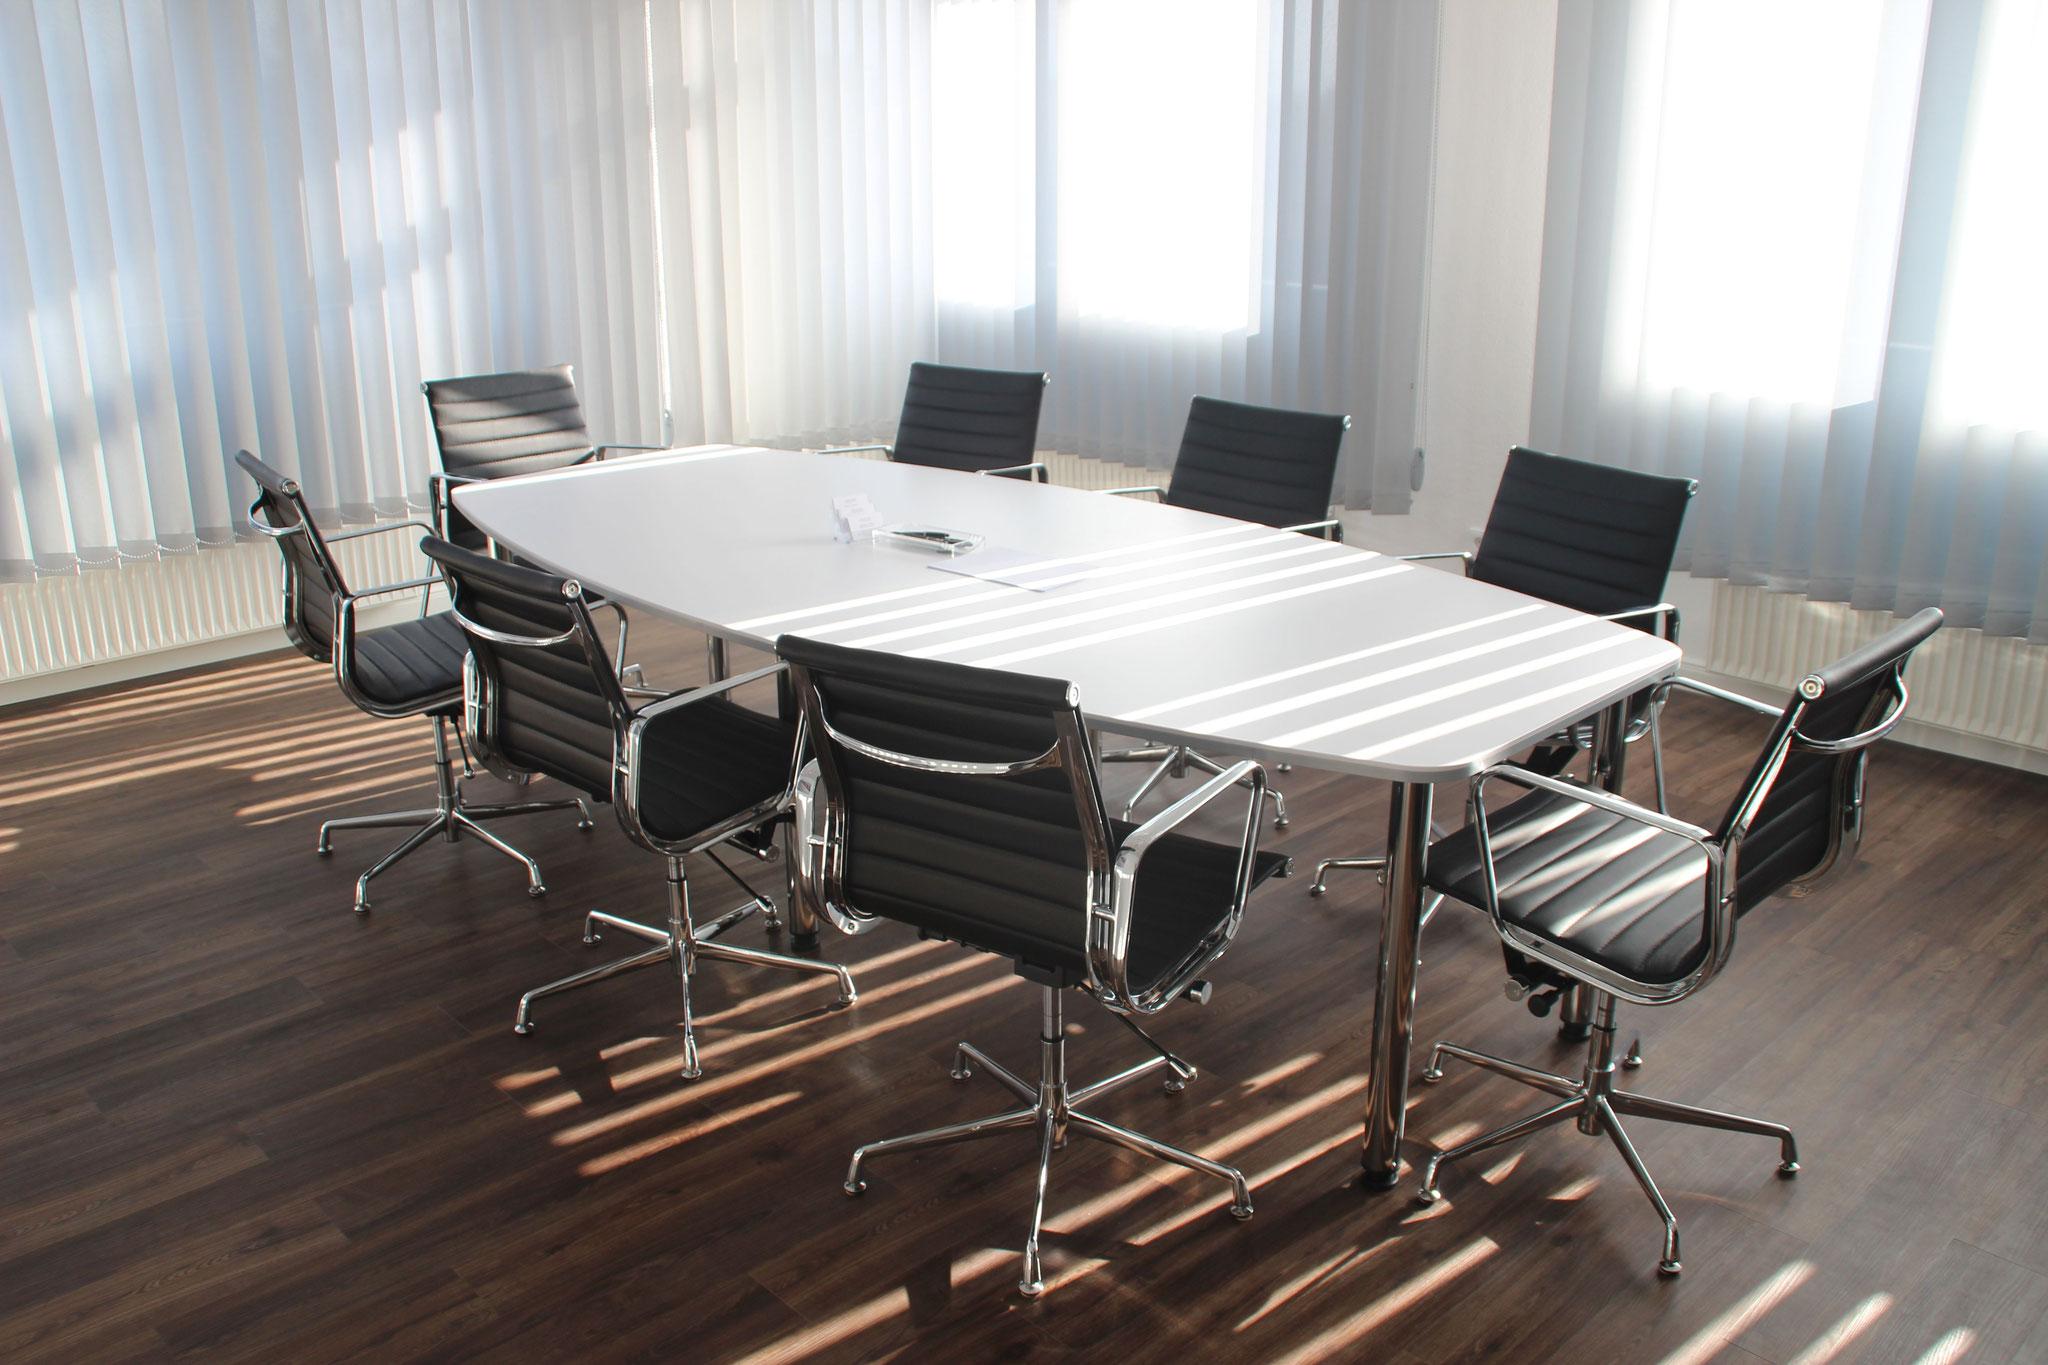 715e8d5d5a1c36 Gebrauchte Büromöbel mit persönlicher Beratung - Bünex Büromöbel